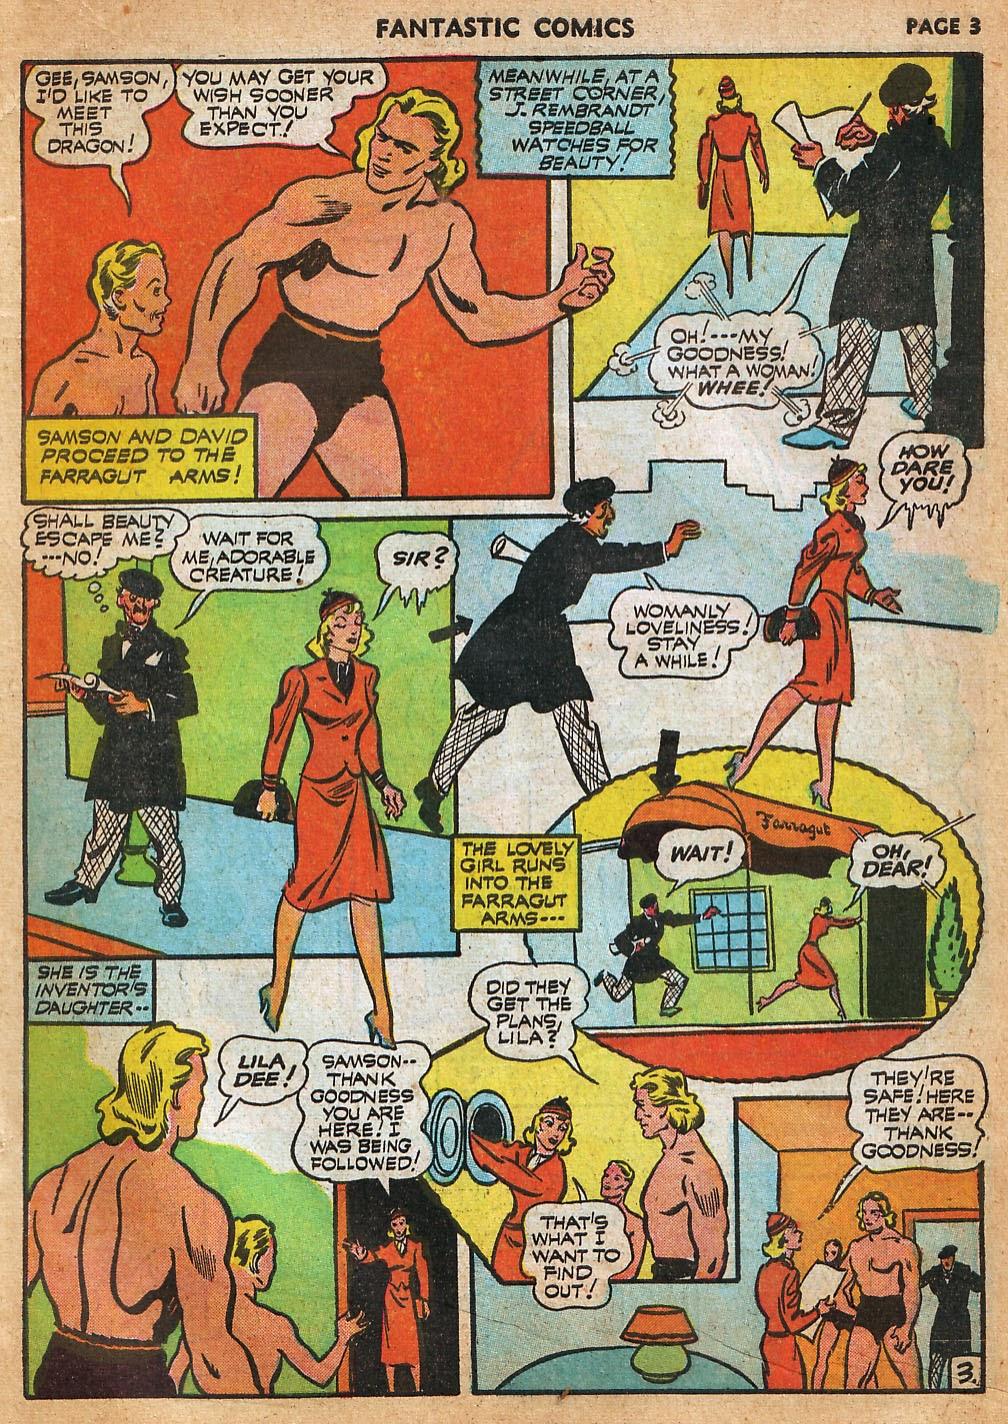 Read online Fantastic Comics comic -  Issue #22 - 5